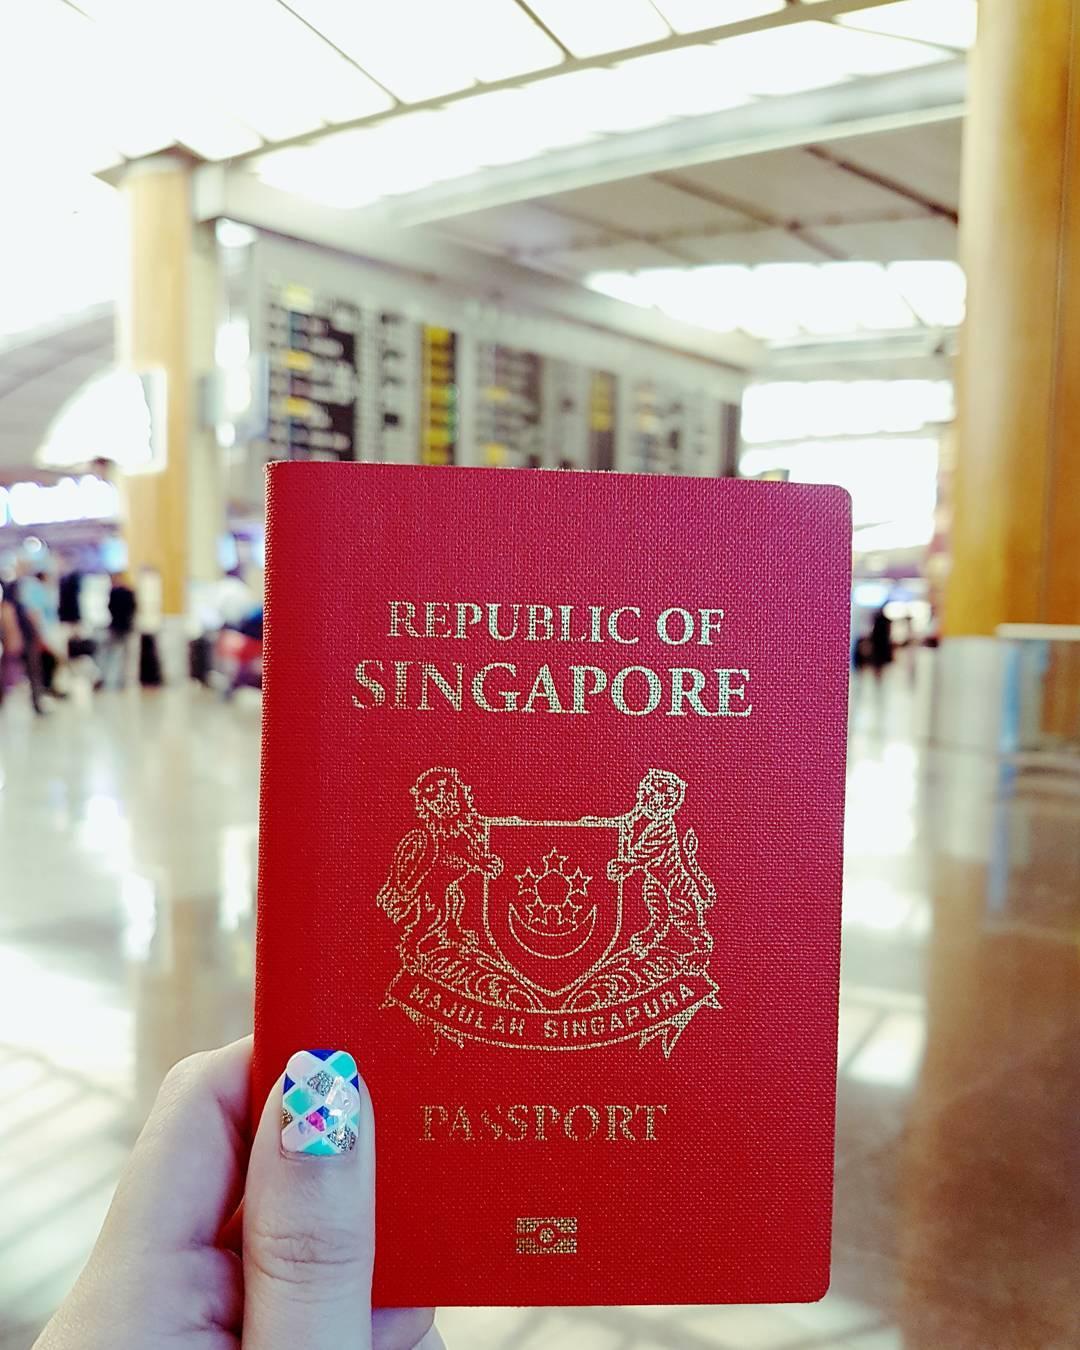 Ilustrasi paspor Singapura. Instagram @taurusqueen83